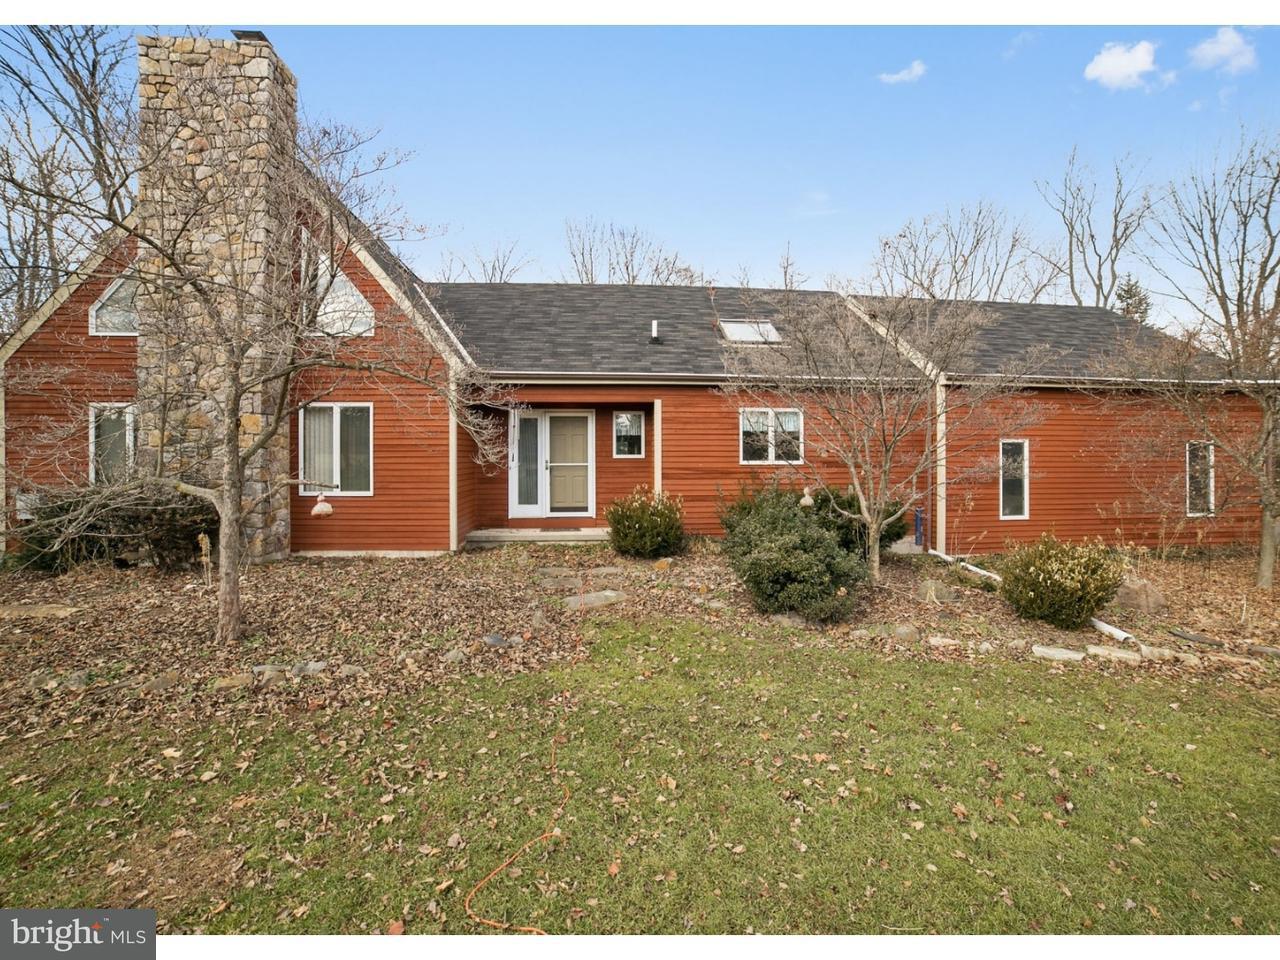 Частный односемейный дом для того Продажа на 749 FAUST Road Perkiomenville, Пенсильвания 18074 Соединенные Штаты